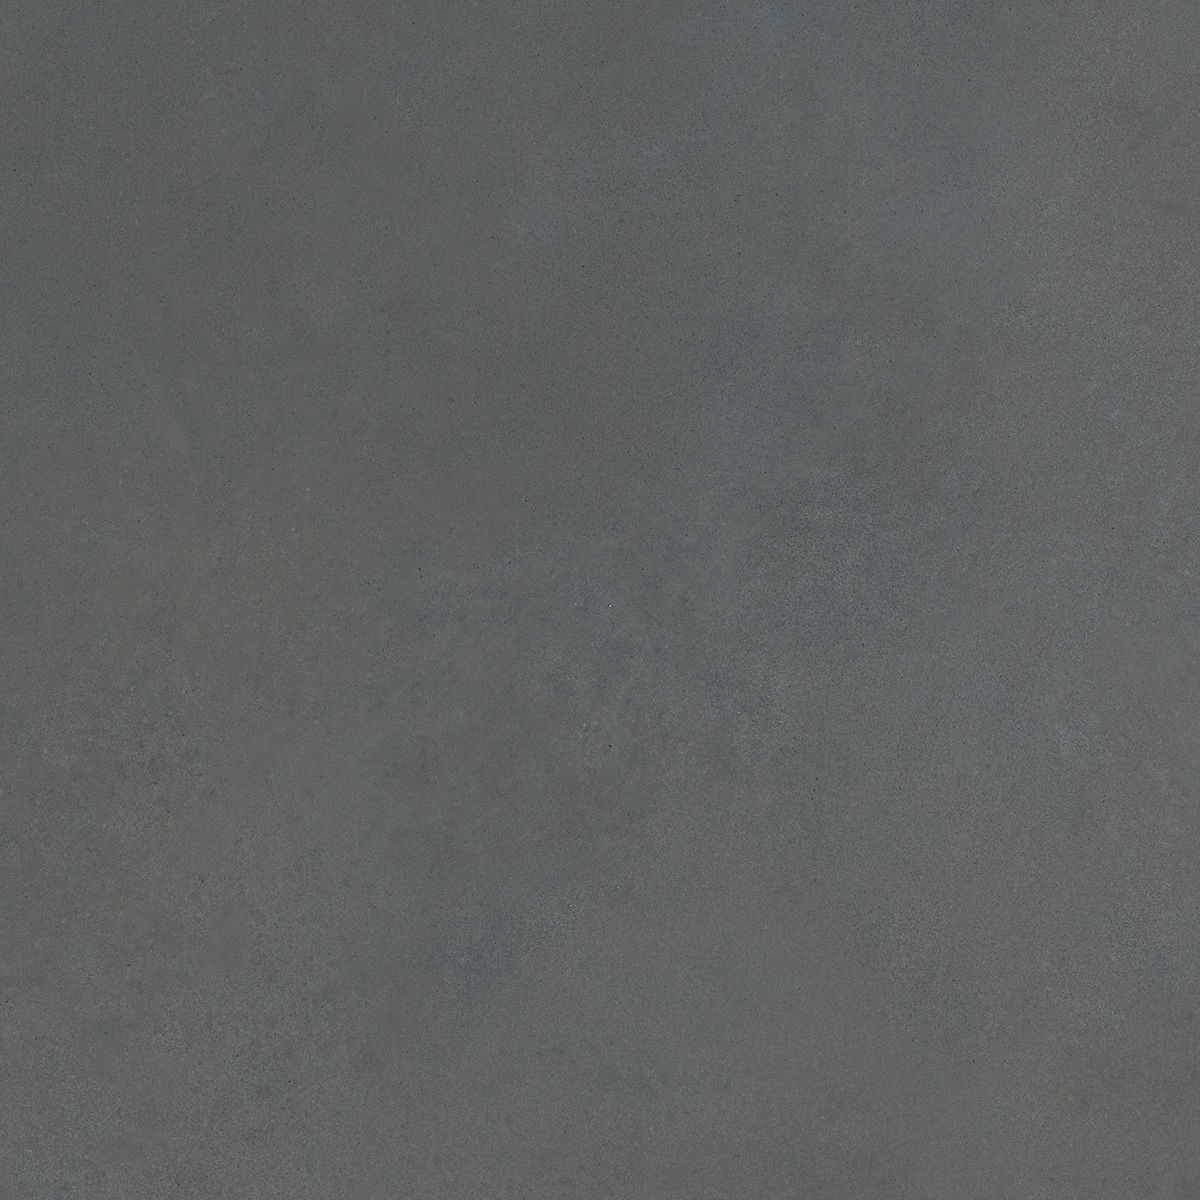 NUANCES NERO SQ. 60X60